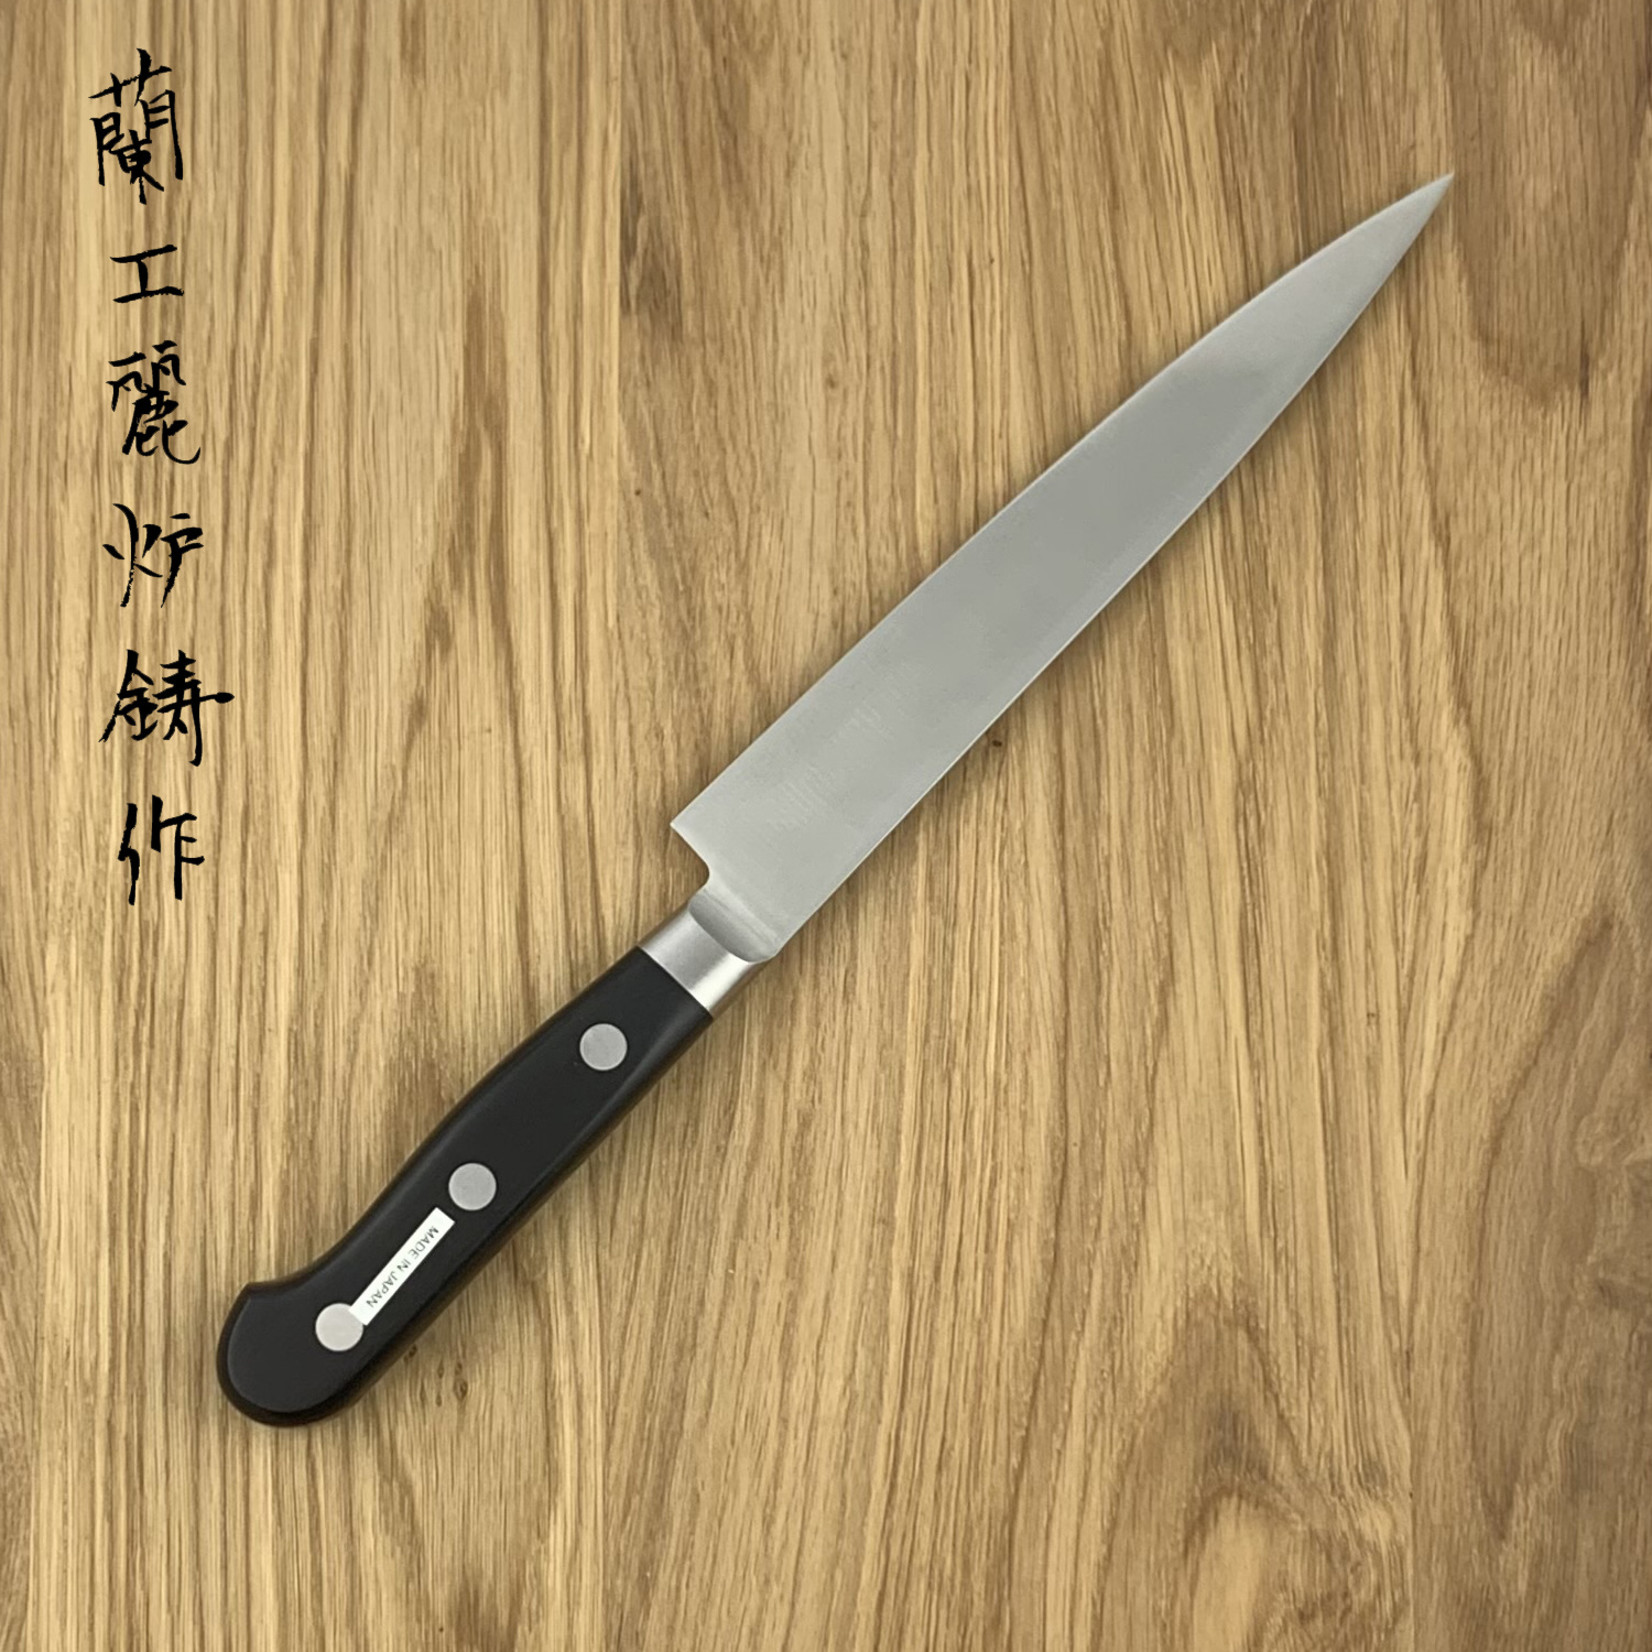 MISONO 440 Slicer 210 mm 872